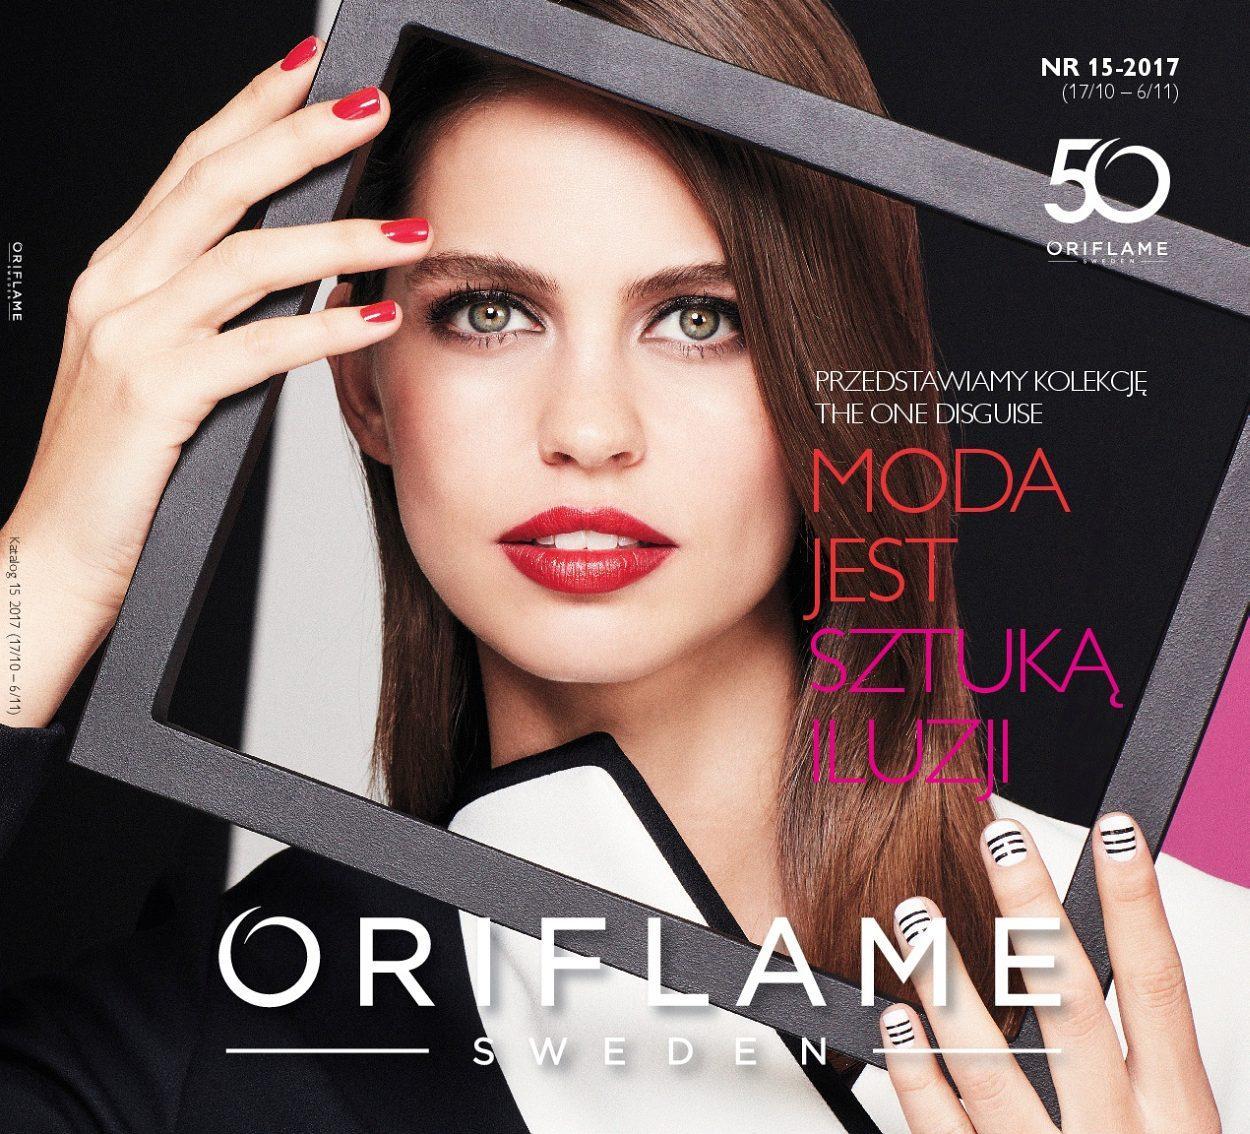 Gazetka promocyjna Oriflame do 06/11/2017 str.0